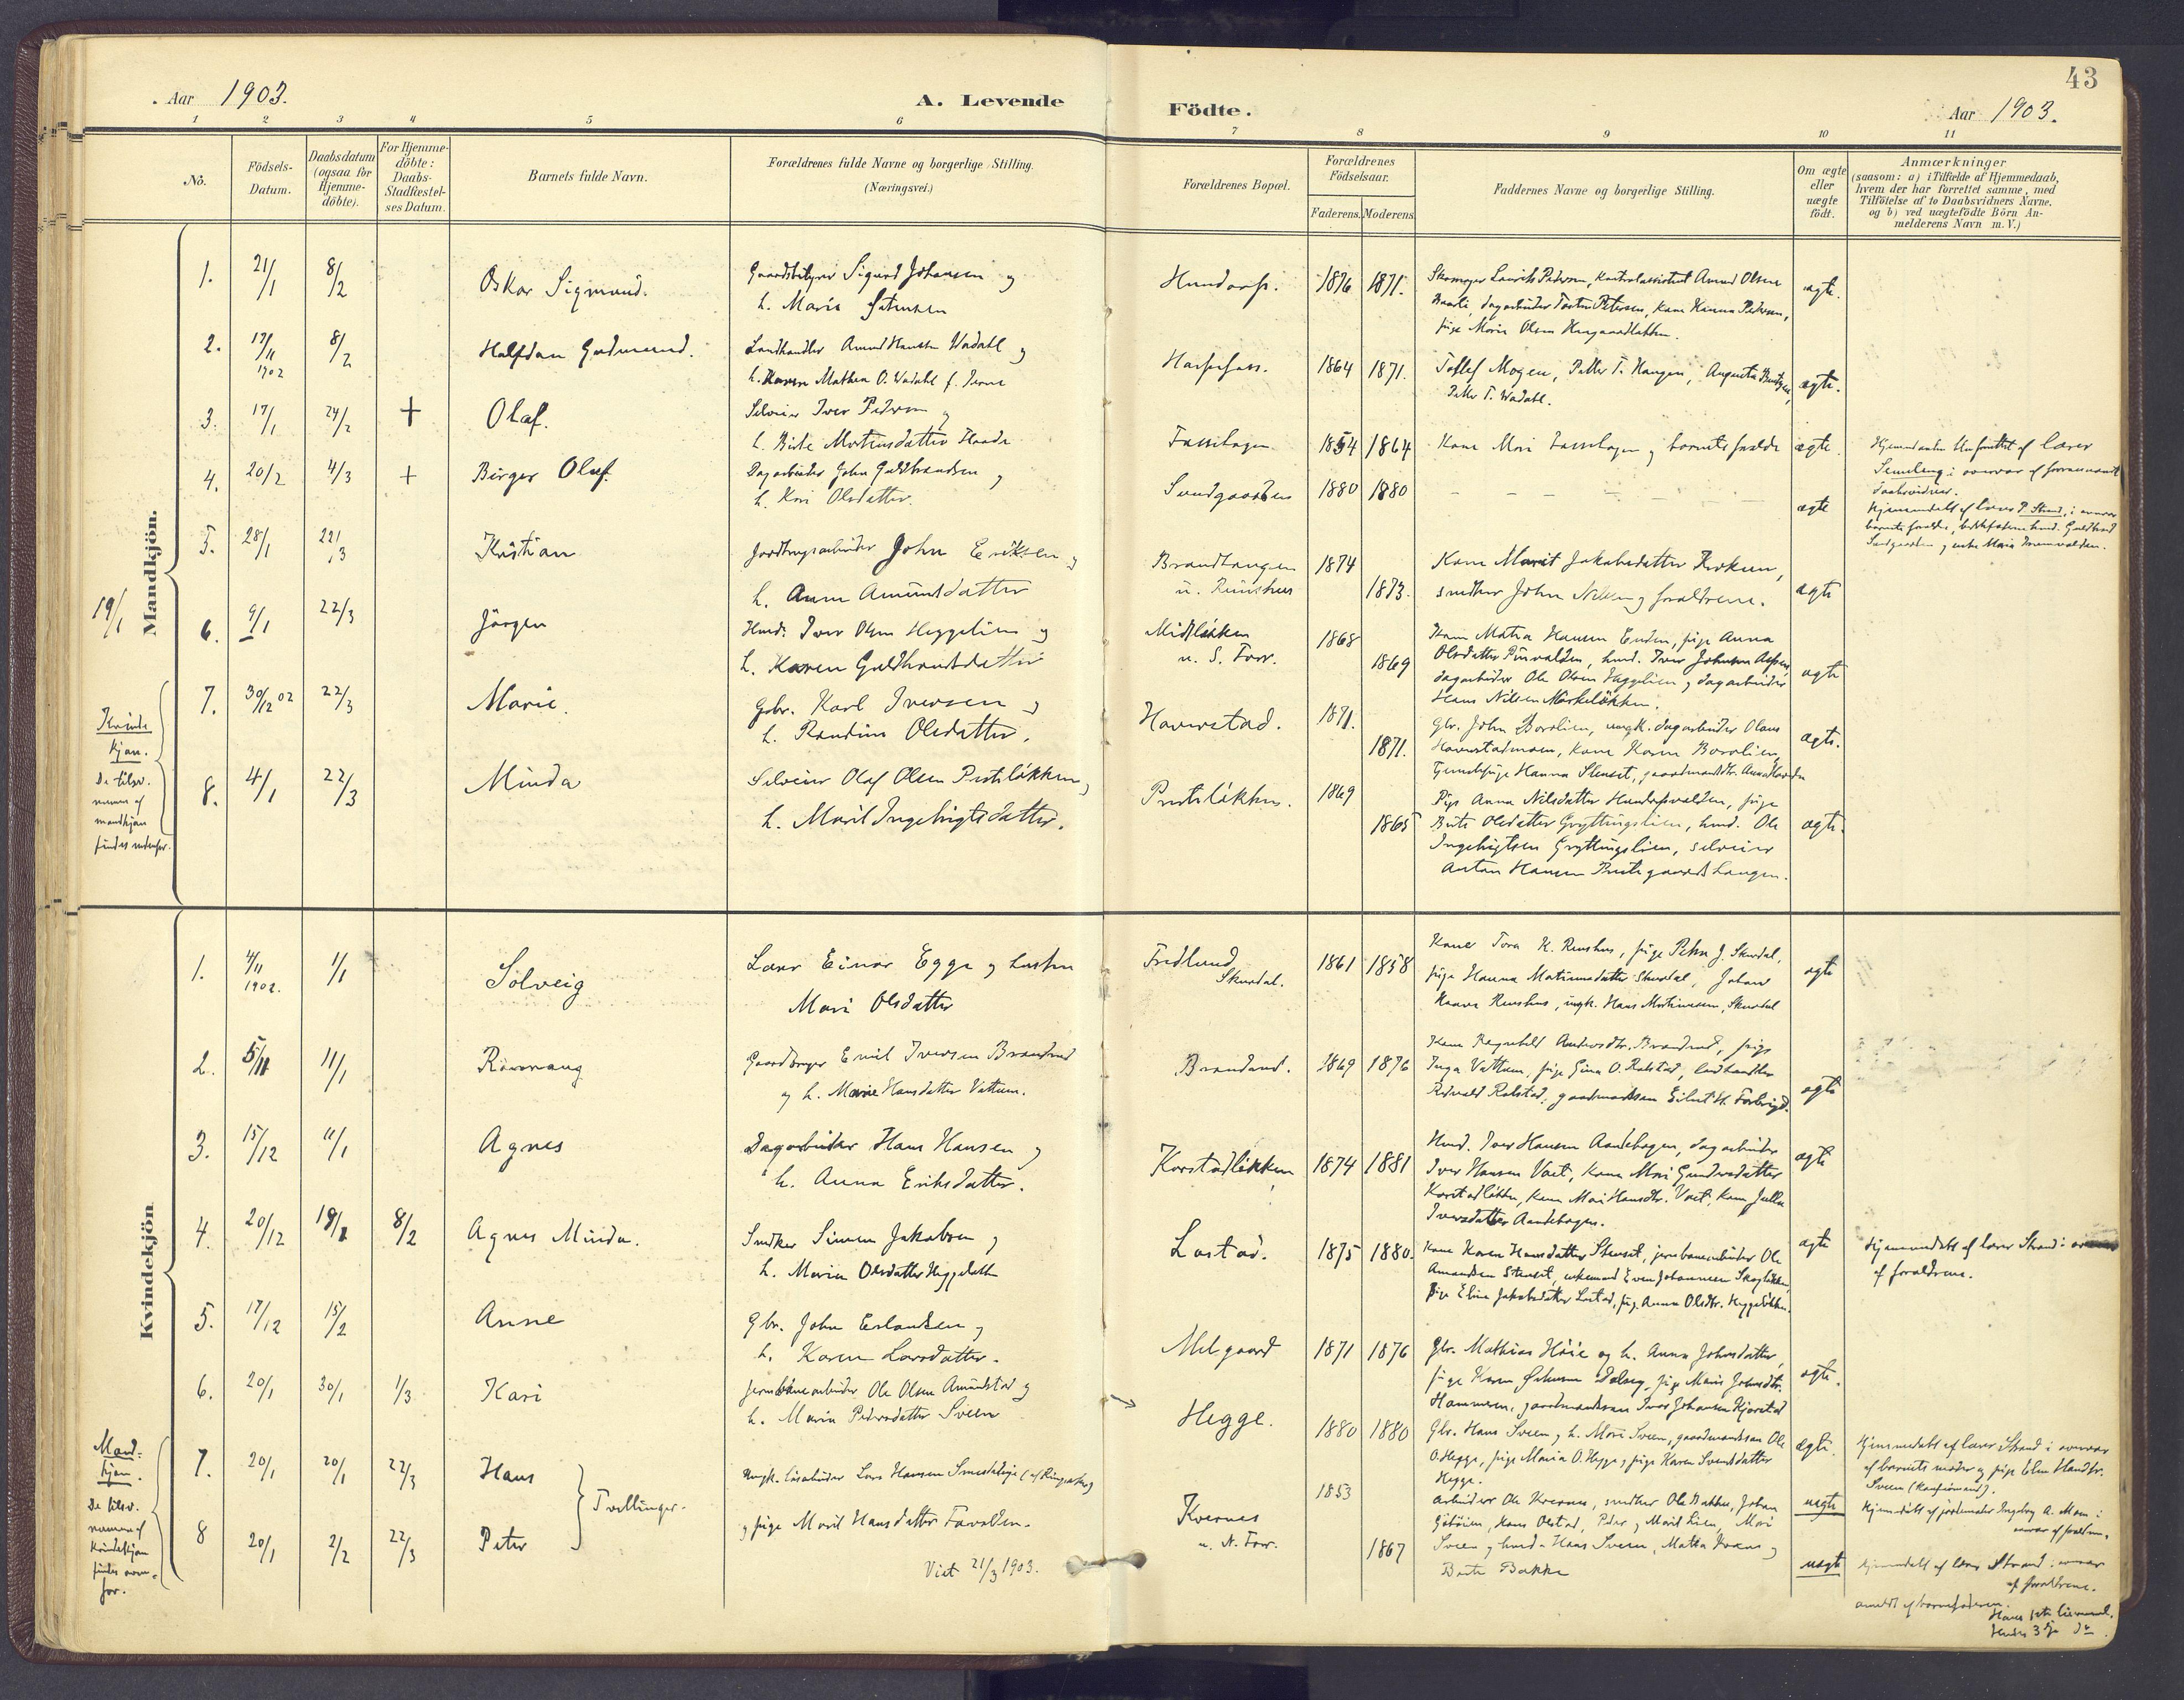 SAH, Sør-Fron prestekontor, H/Ha/Haa/L0004: Parish register (official) no. 4, 1898-1919, p. 43